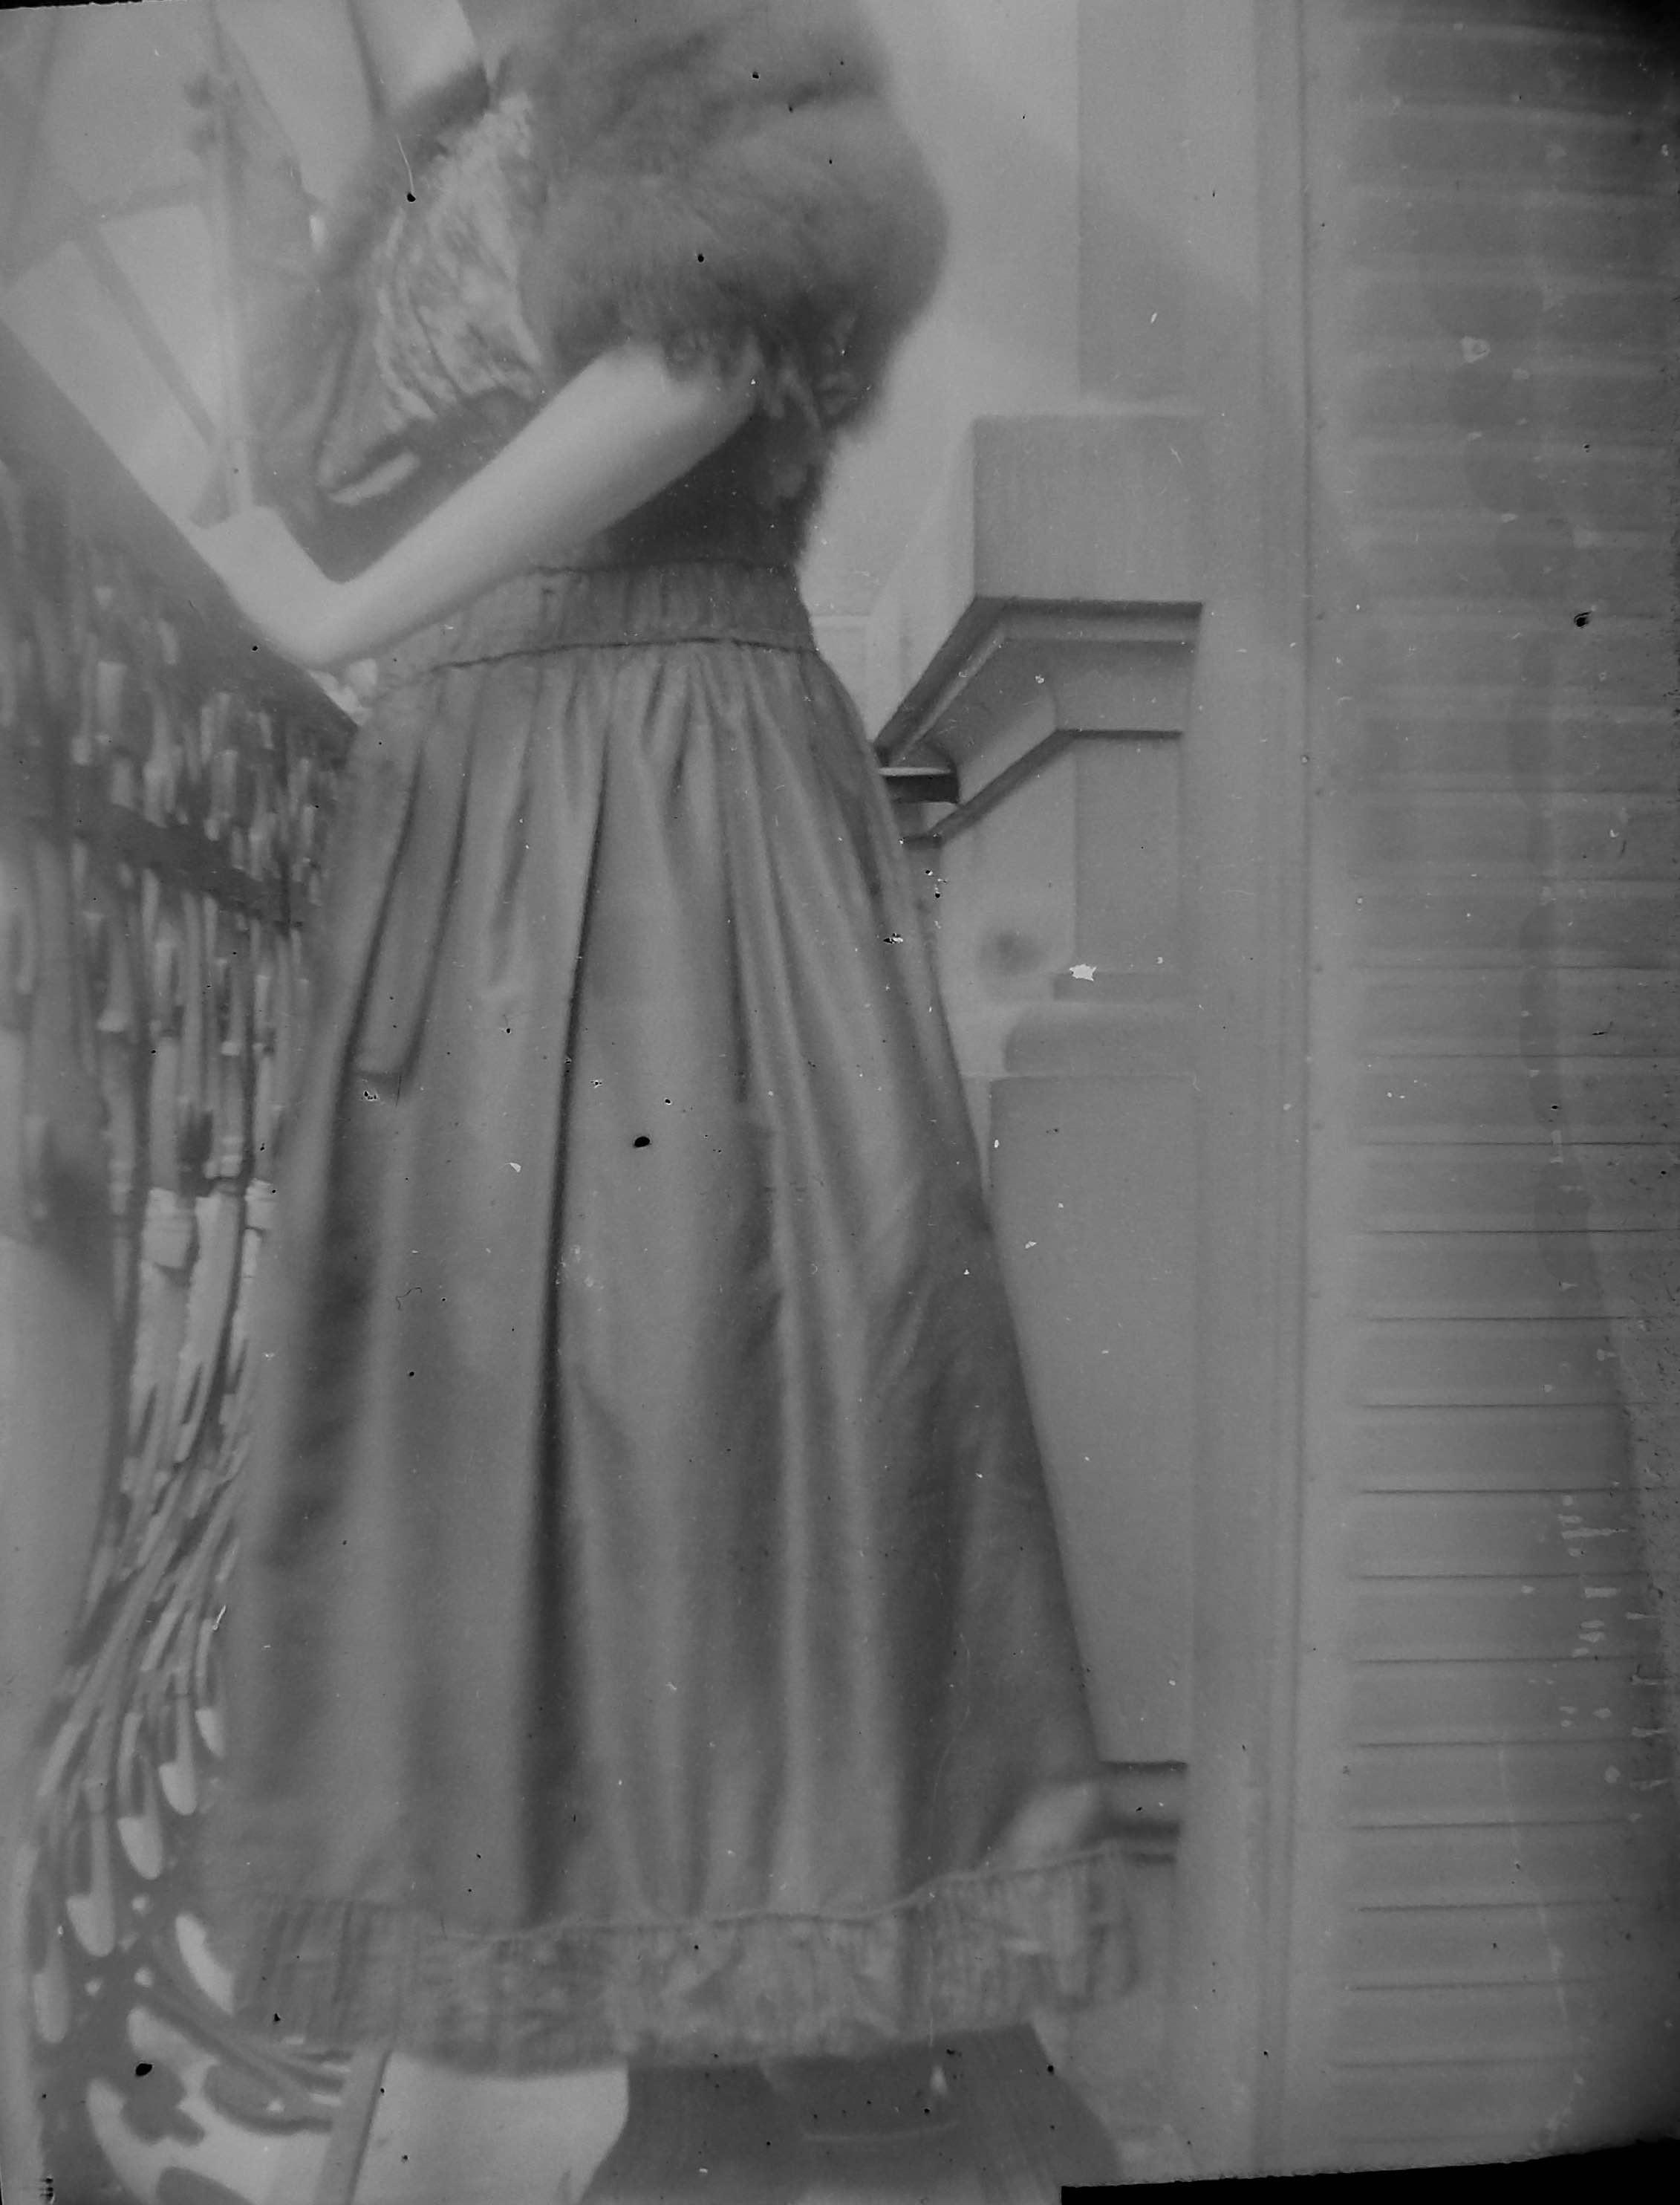 Photo prise sur le balcon de Germaine, au 112 Av Ledru-Rollin